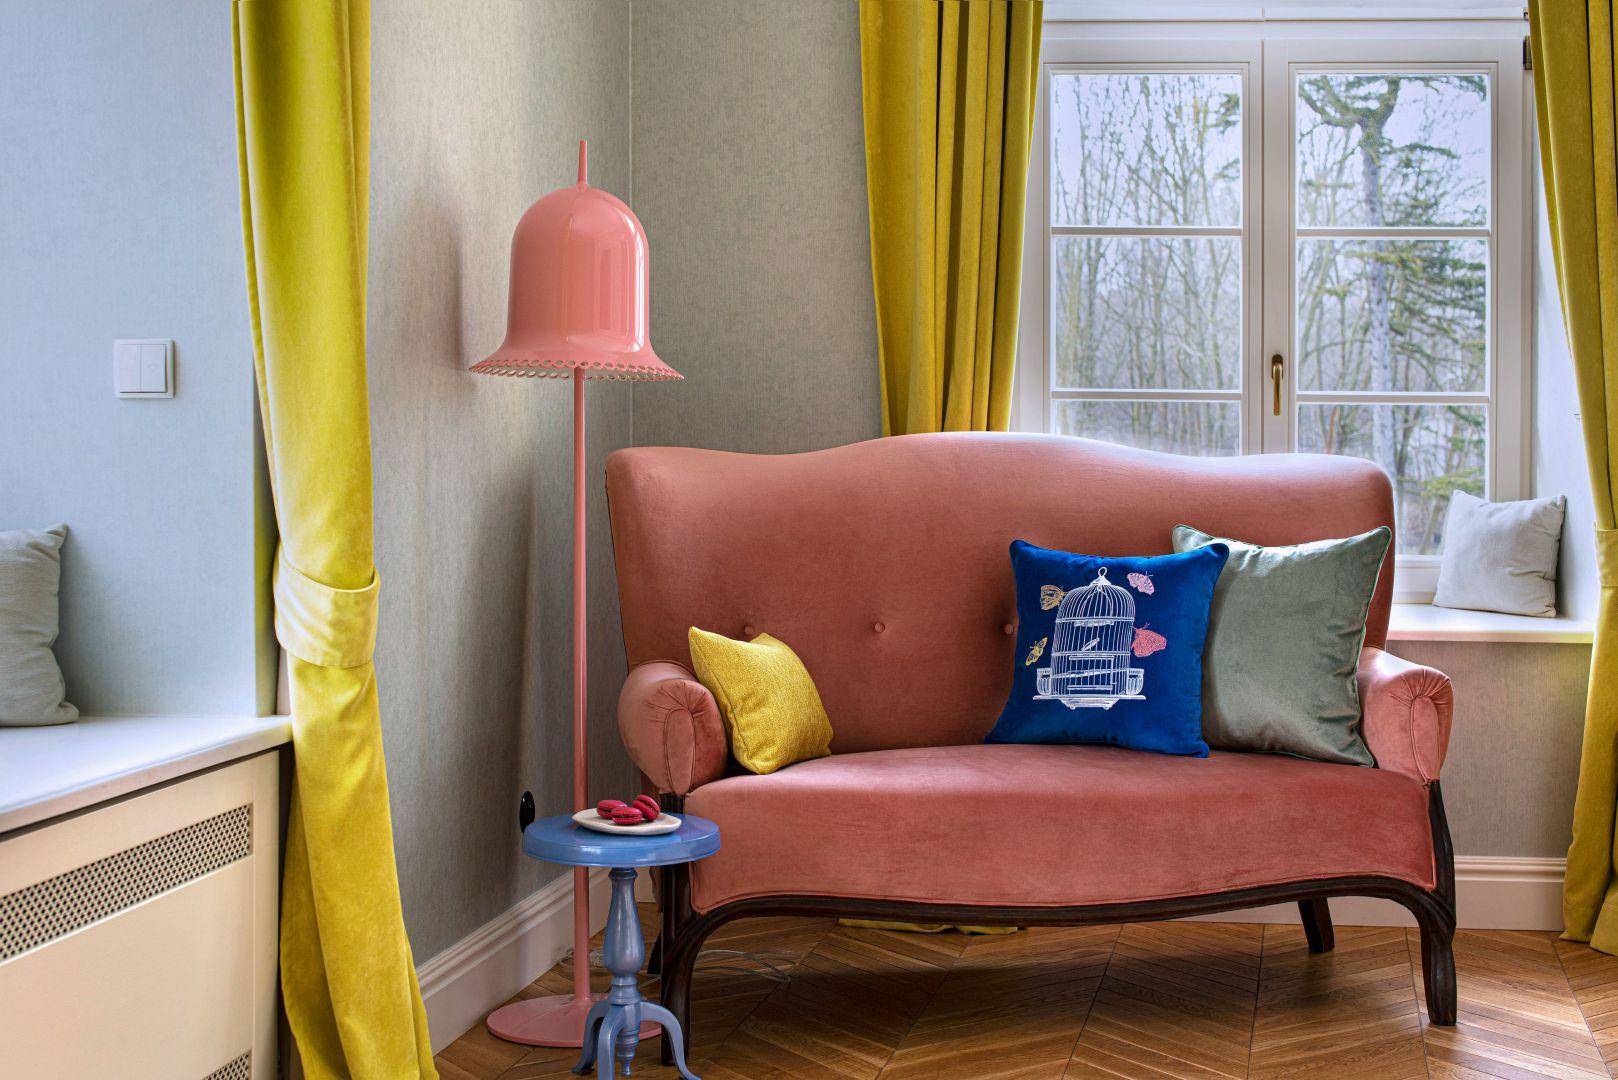 Aksamitna poduszka dekoracyjna z motywem klatki z motylami. Cena: 445 zł. Fot. Food & Light – studio fotografii produktowej